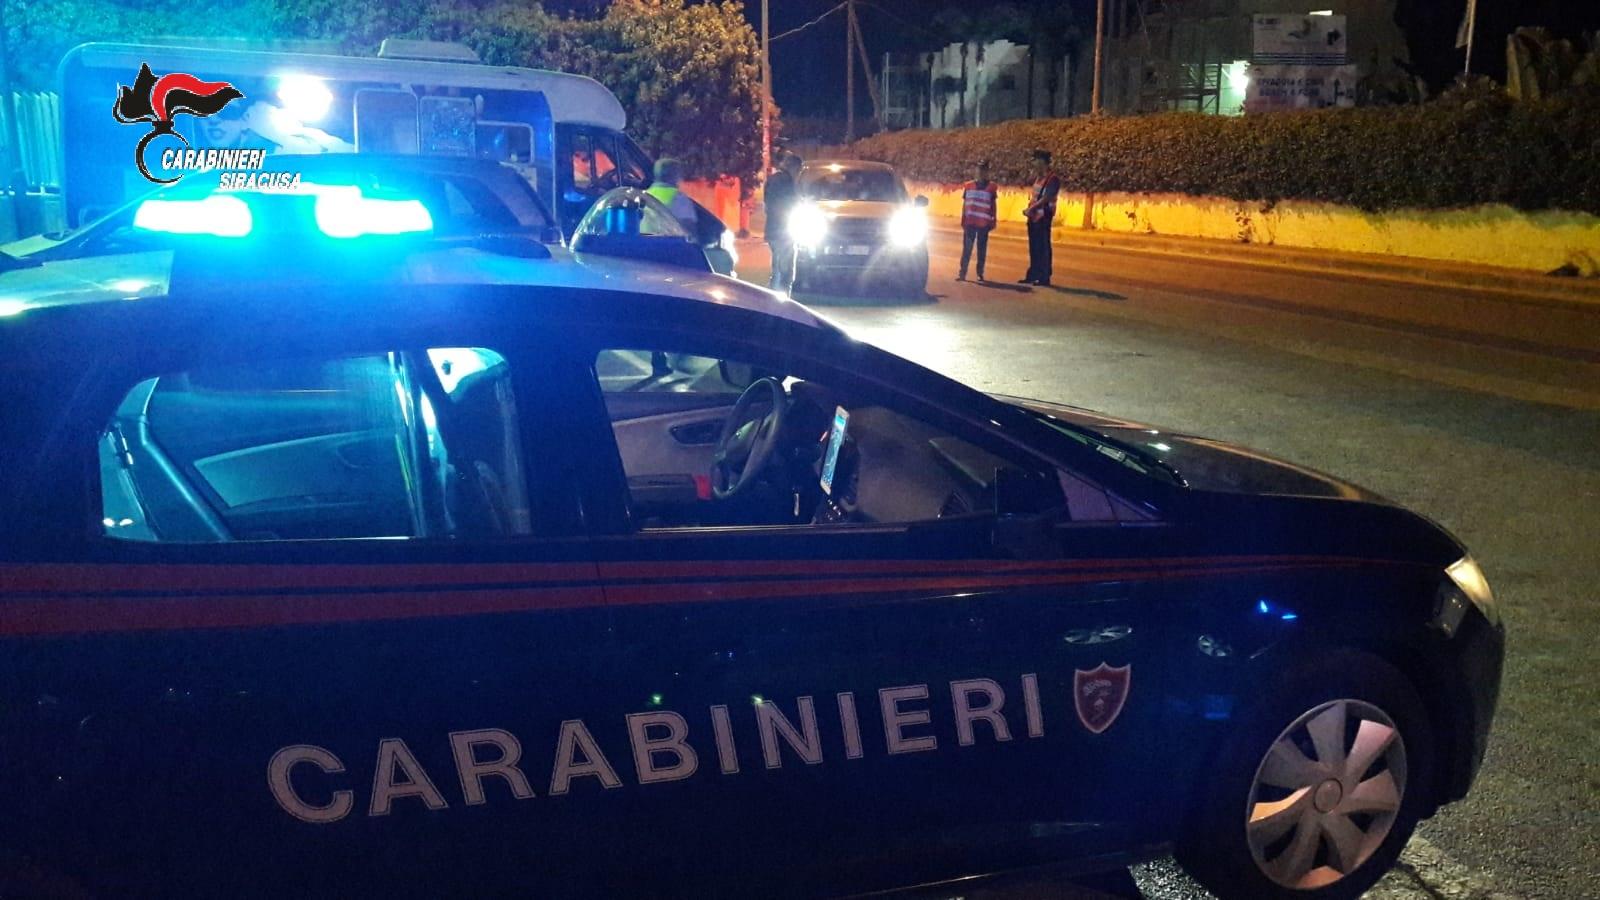 Pachino e Marzamemi a ferro e fuoco per 24 ore: dieci persone denunciate